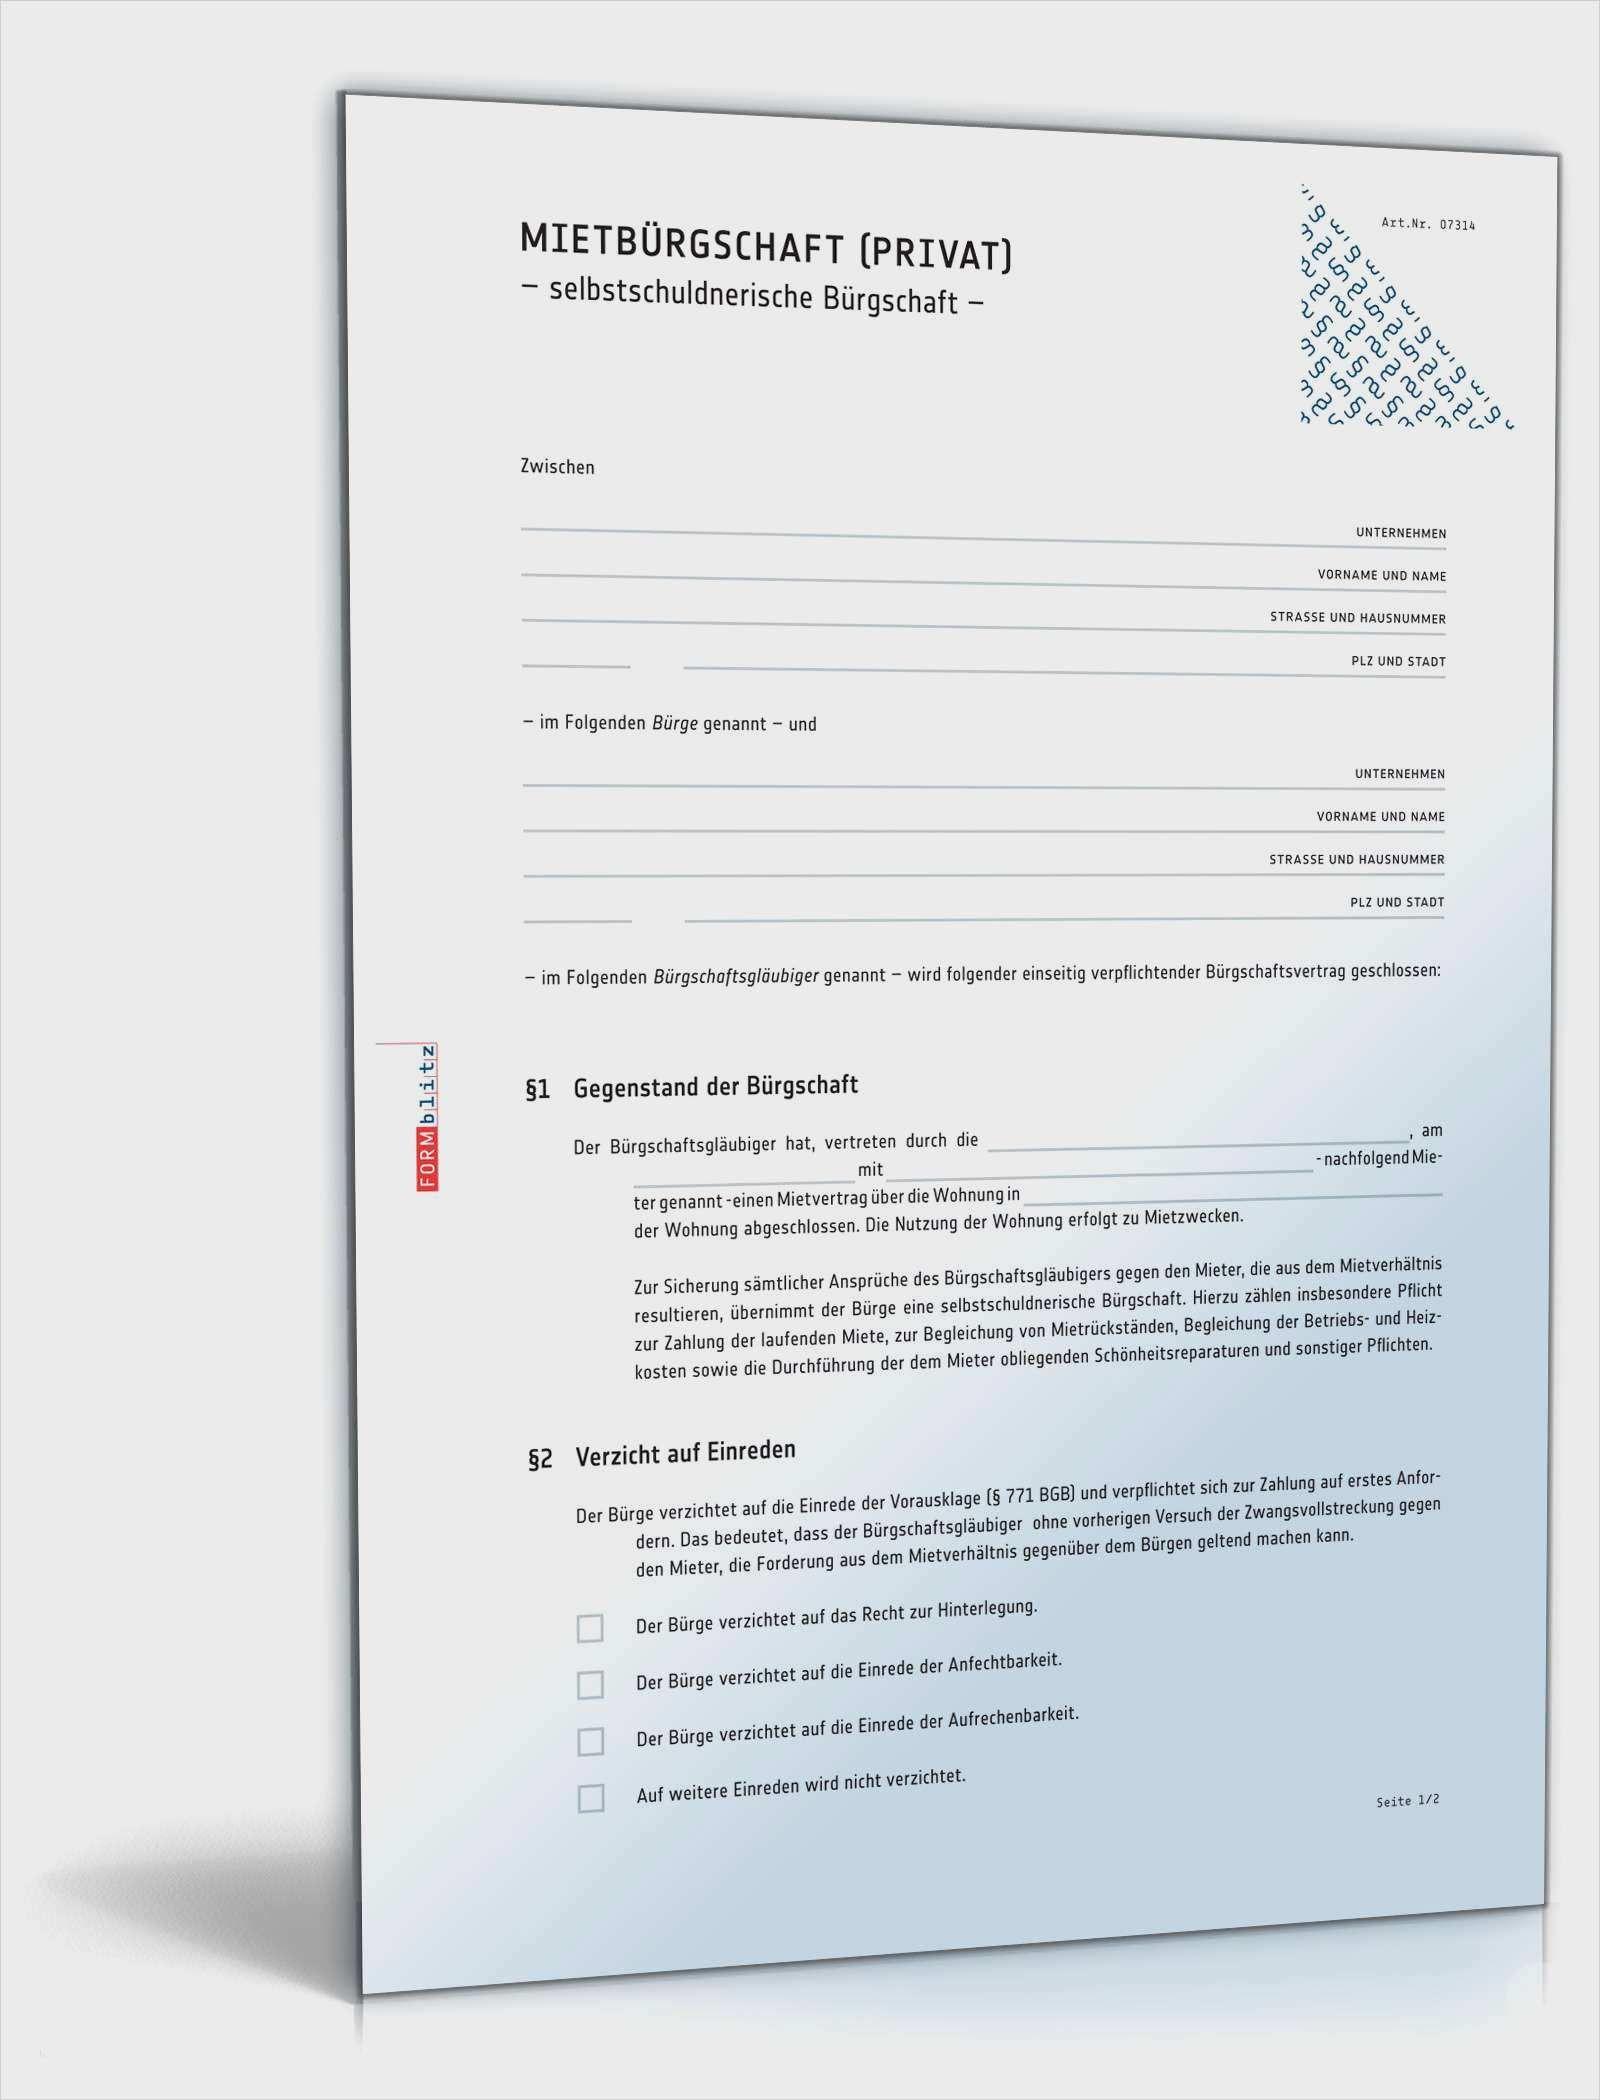 Burgschaftserklarung Miete Vorlage 44 Schonste Anspruchsvoll Jene Konnen Anpassen Fur Ihre Wi In 2020 Vorlagen Vorlagen Word Aufhebung